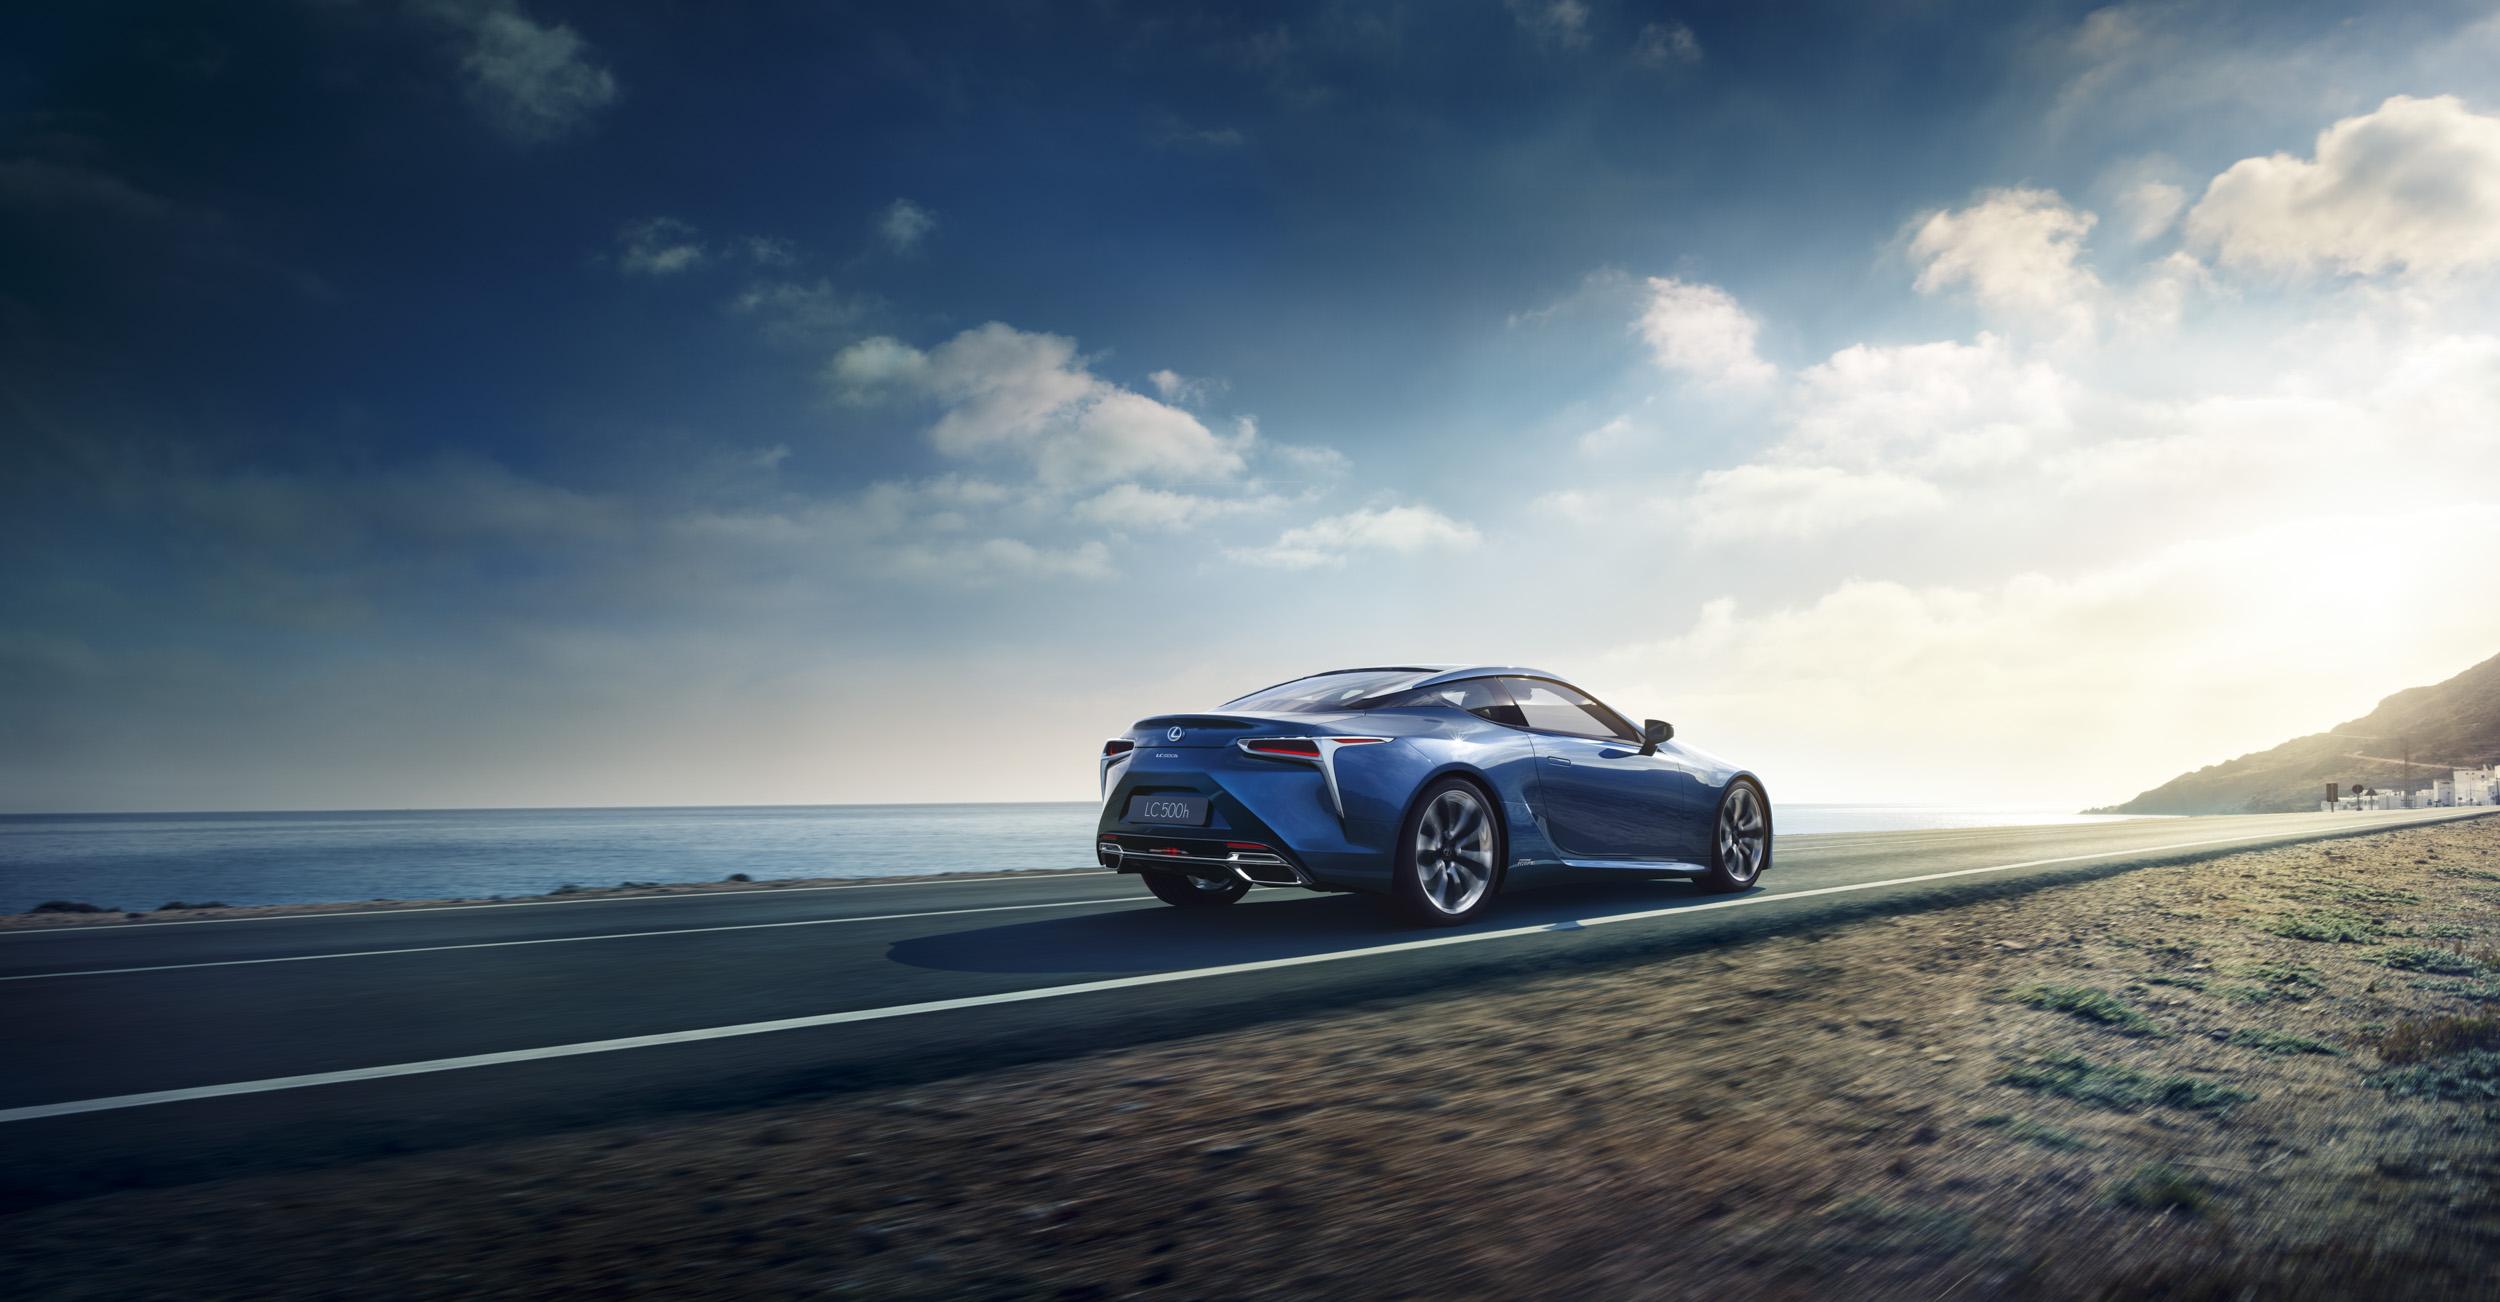 De Lexus LC 500h wordt de tweede hybride coupé van het merk. Foto: Lexus